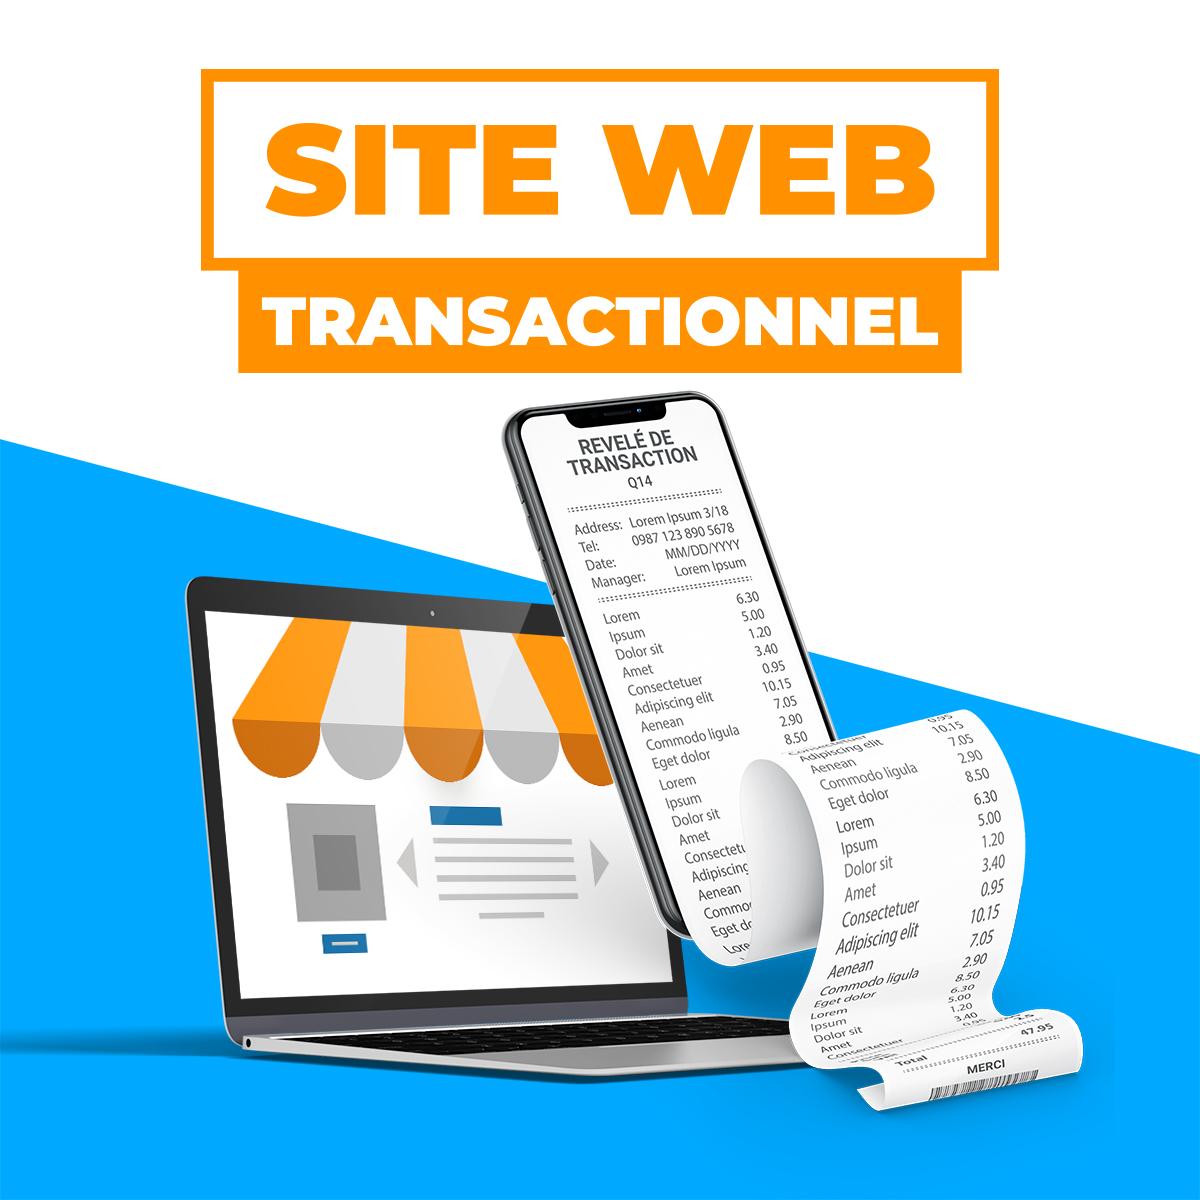 Site Web transactionnel